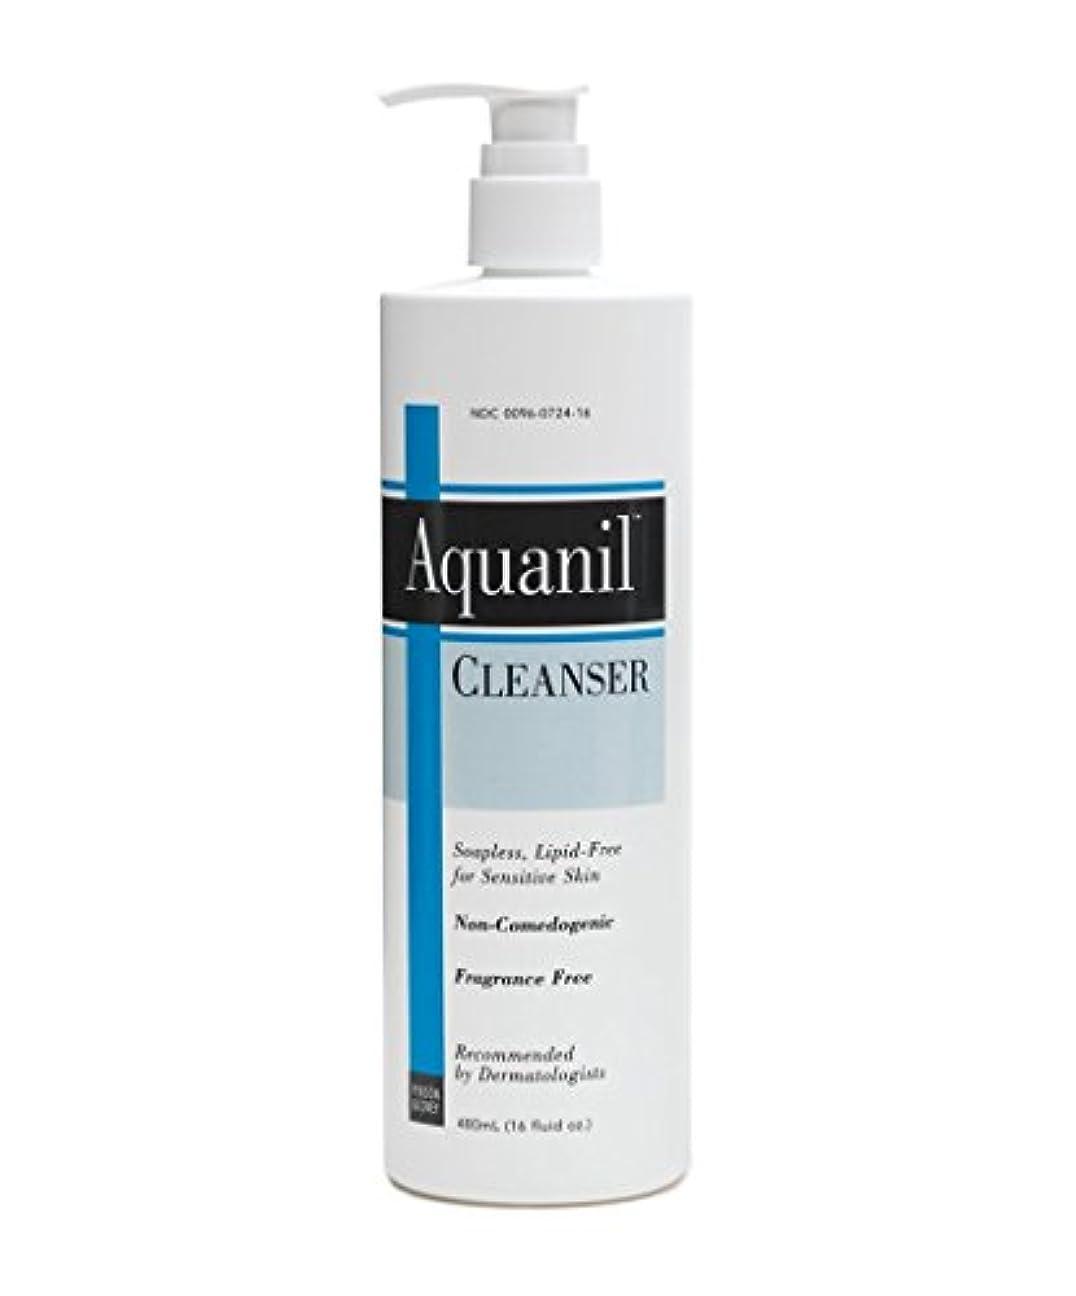 悲劇的ないらいらさせる脇に海外直送肘 Aquanil Cleanser A Gentle Soapless Lipid-Free, 16 oz